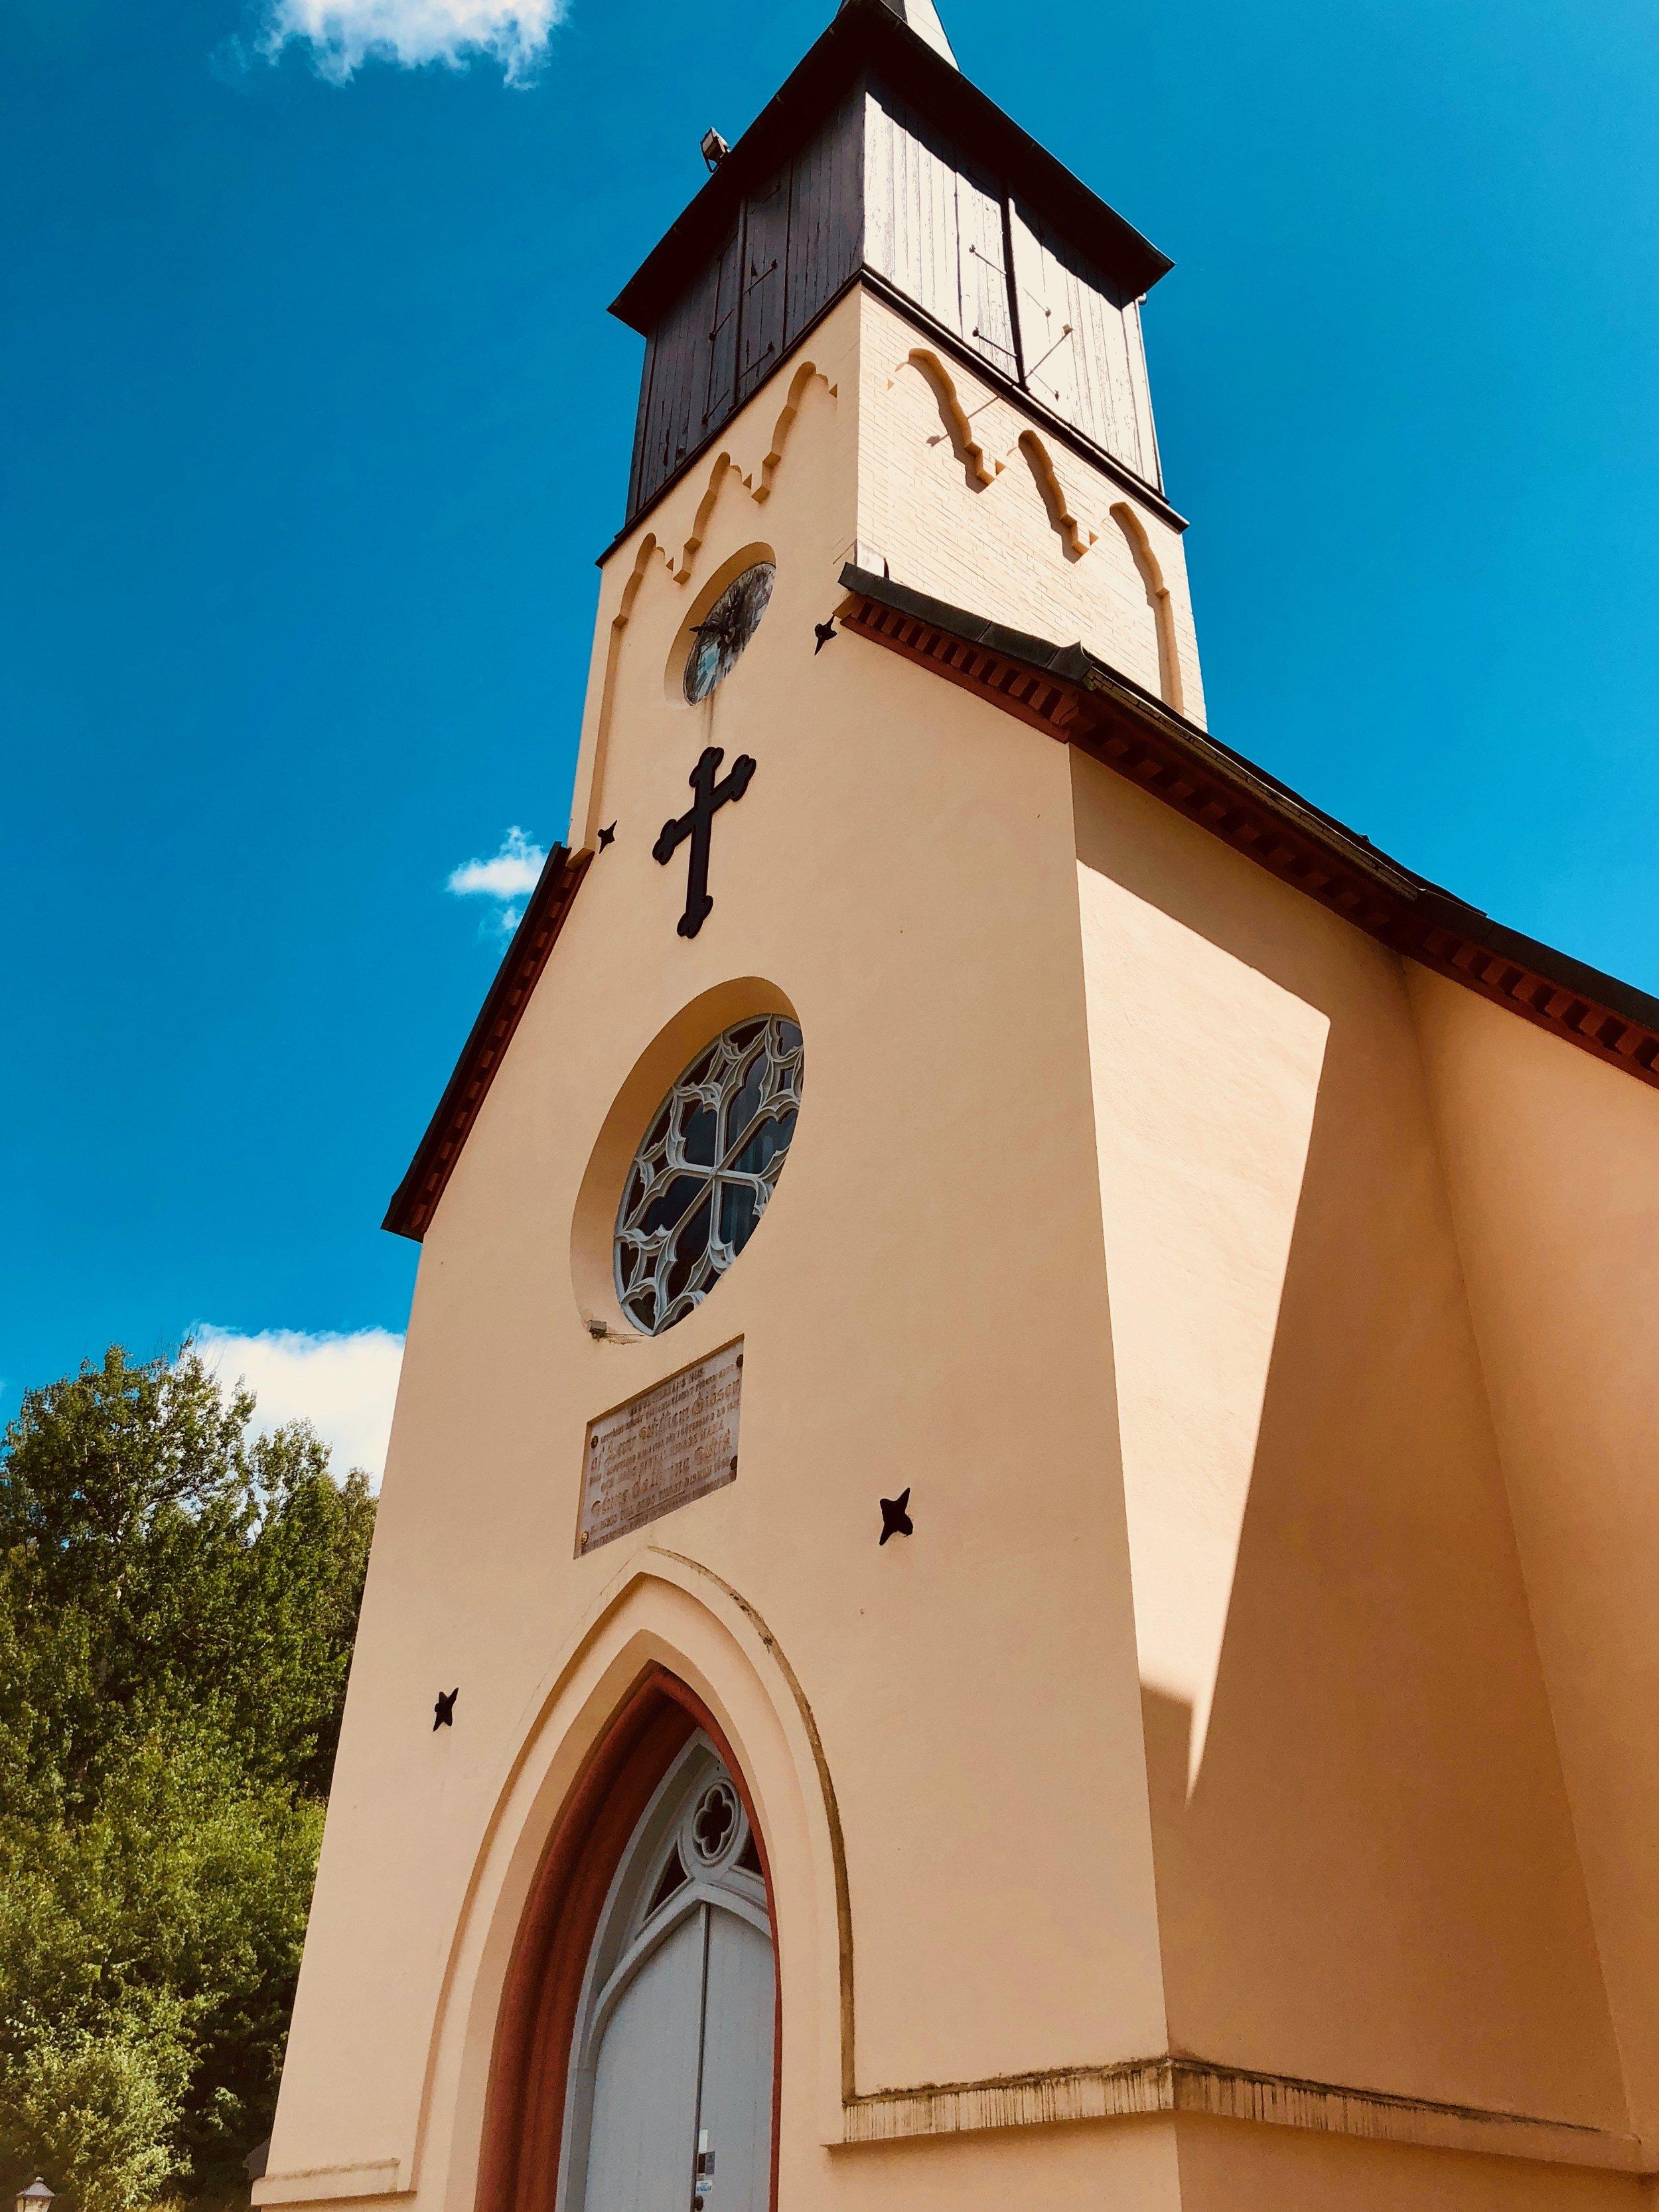 The village church, Jonsered, Sweden.